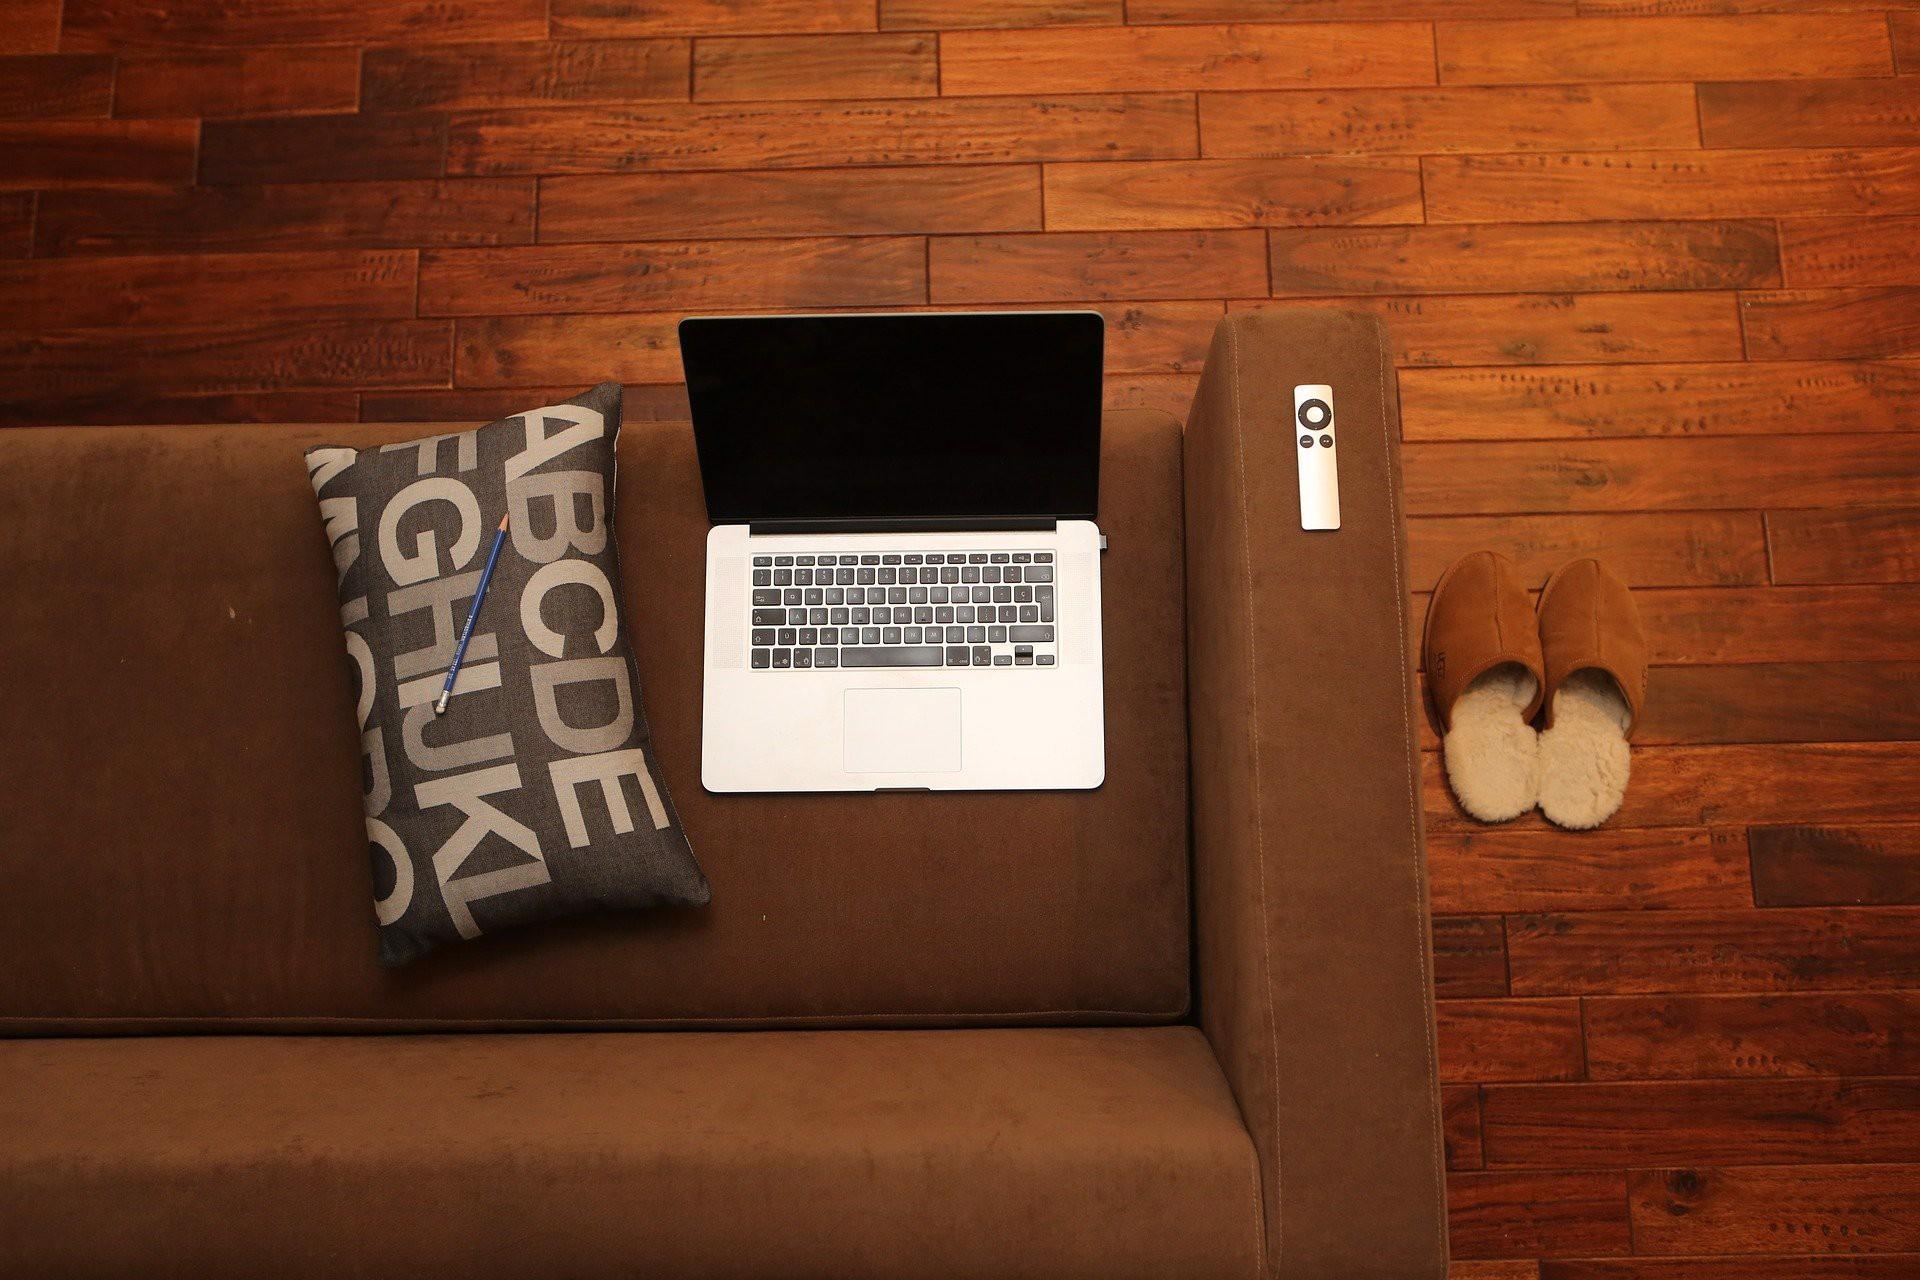 Hacker-Angriffe auf Remote-Arbeitsplätze haben Hochkonjunktur